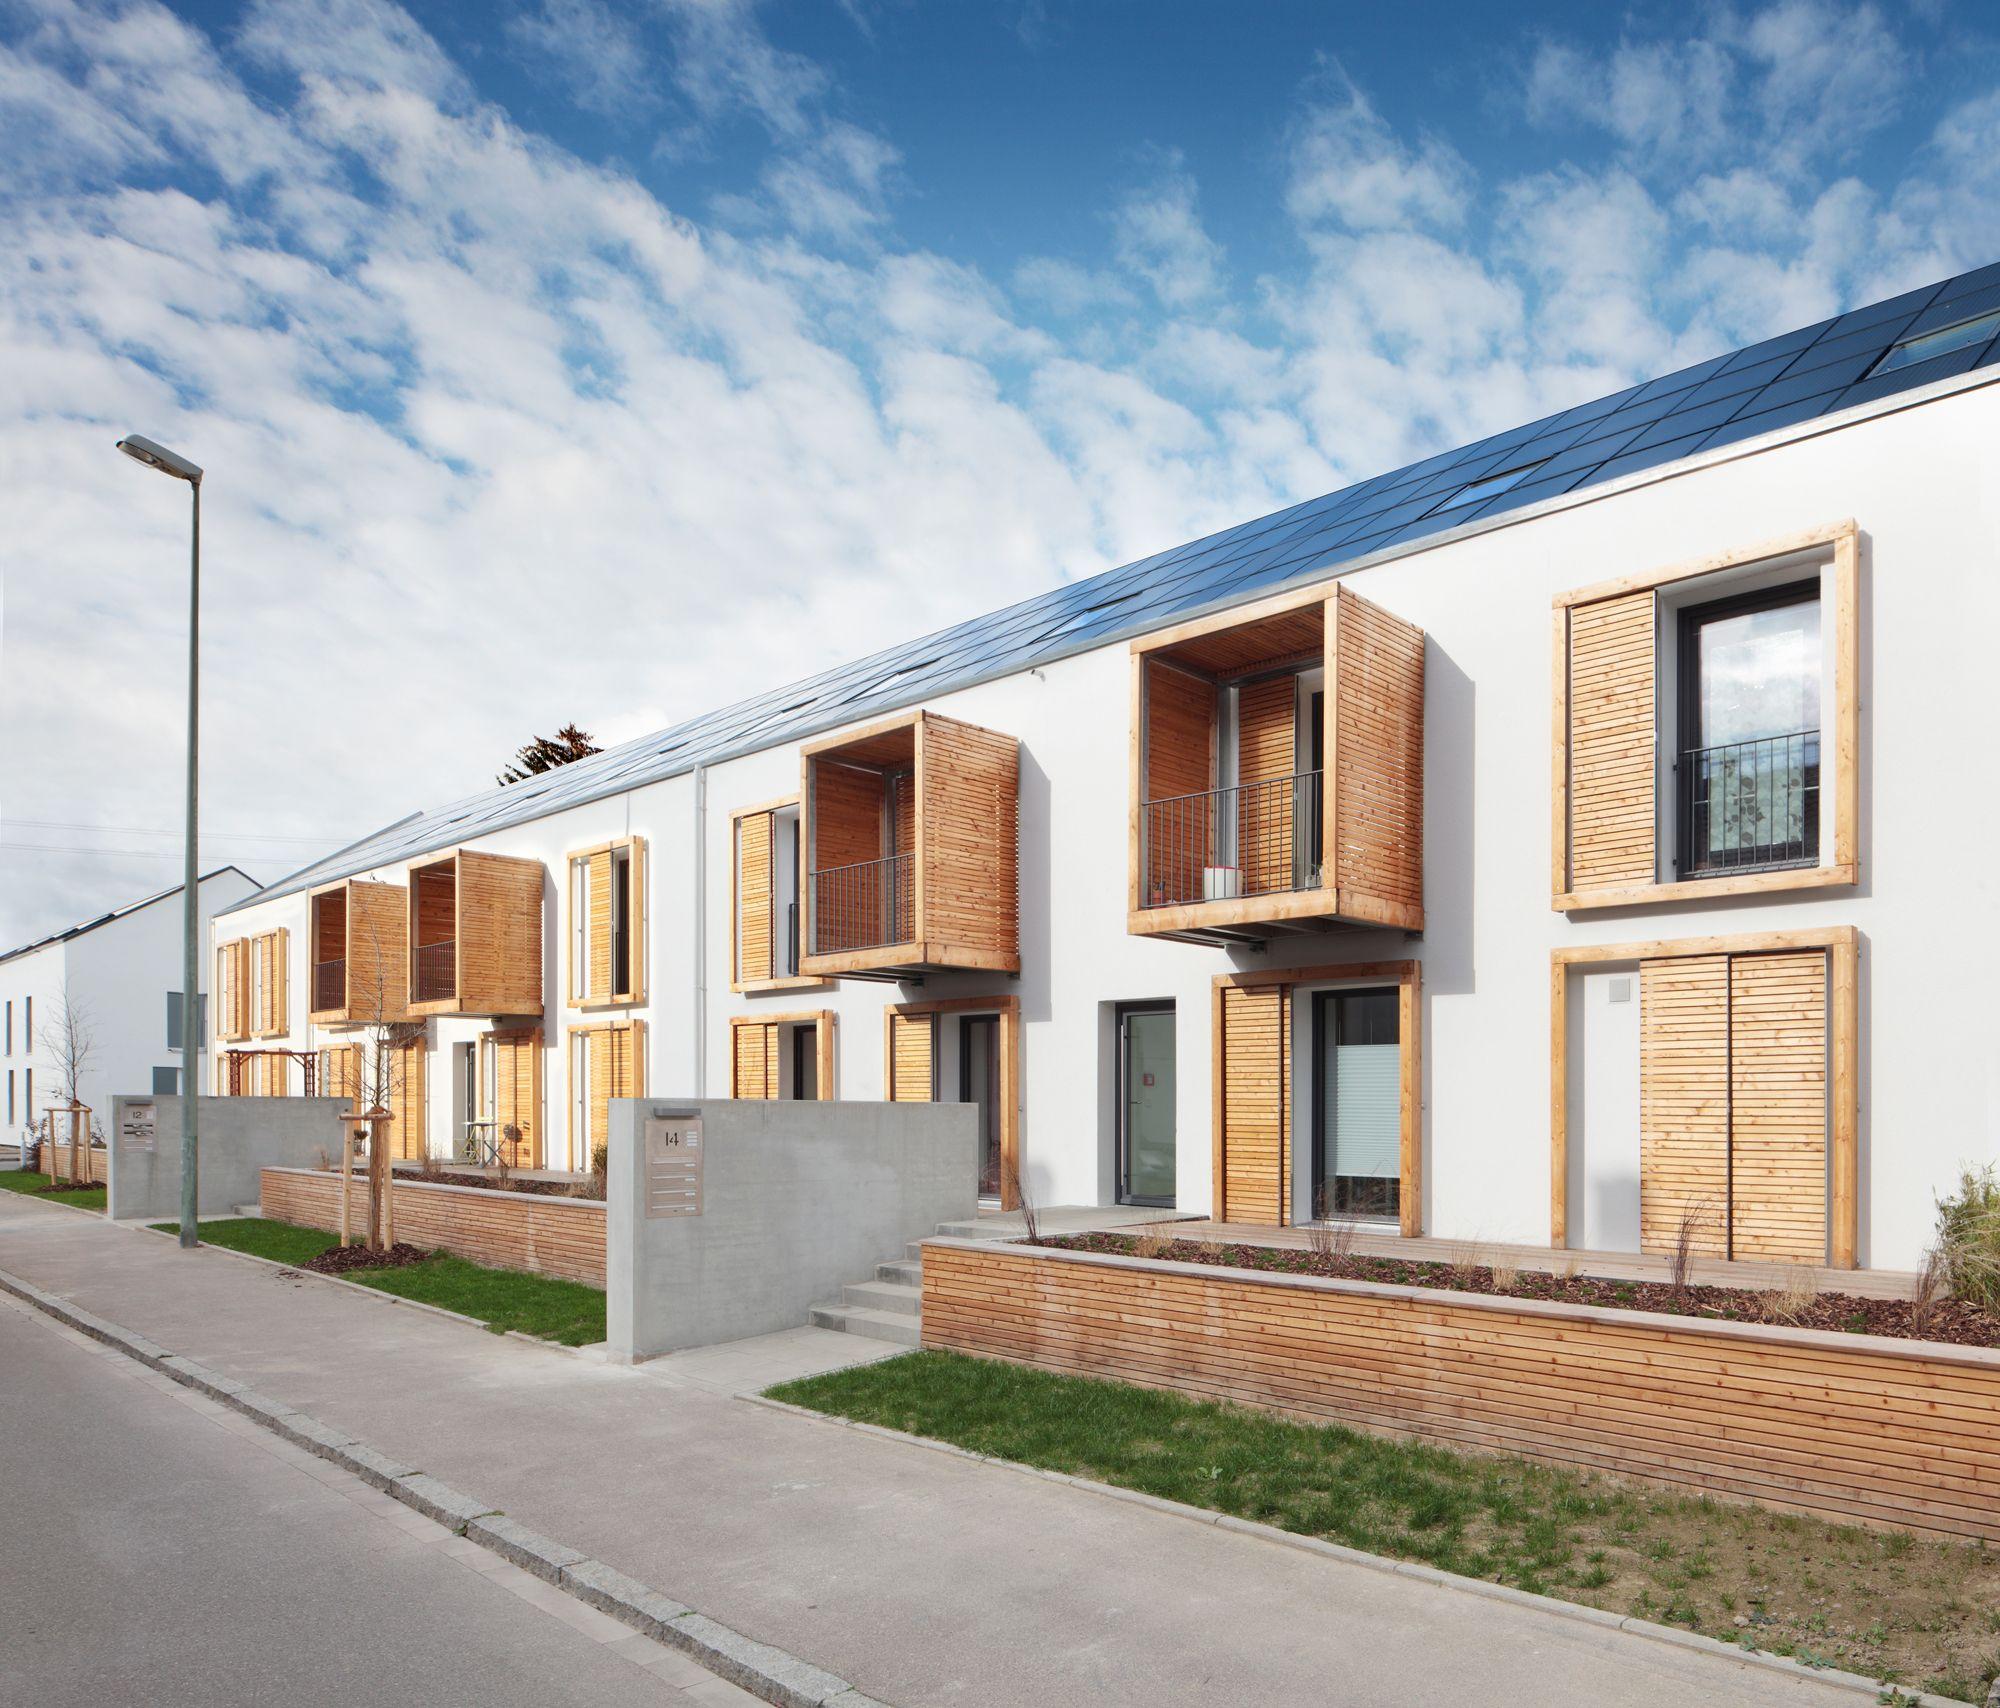 Stall umbau mehrfamilienhaus eibe neu ulm satteldach holzbau moderne häuser reihenhaus masterplan